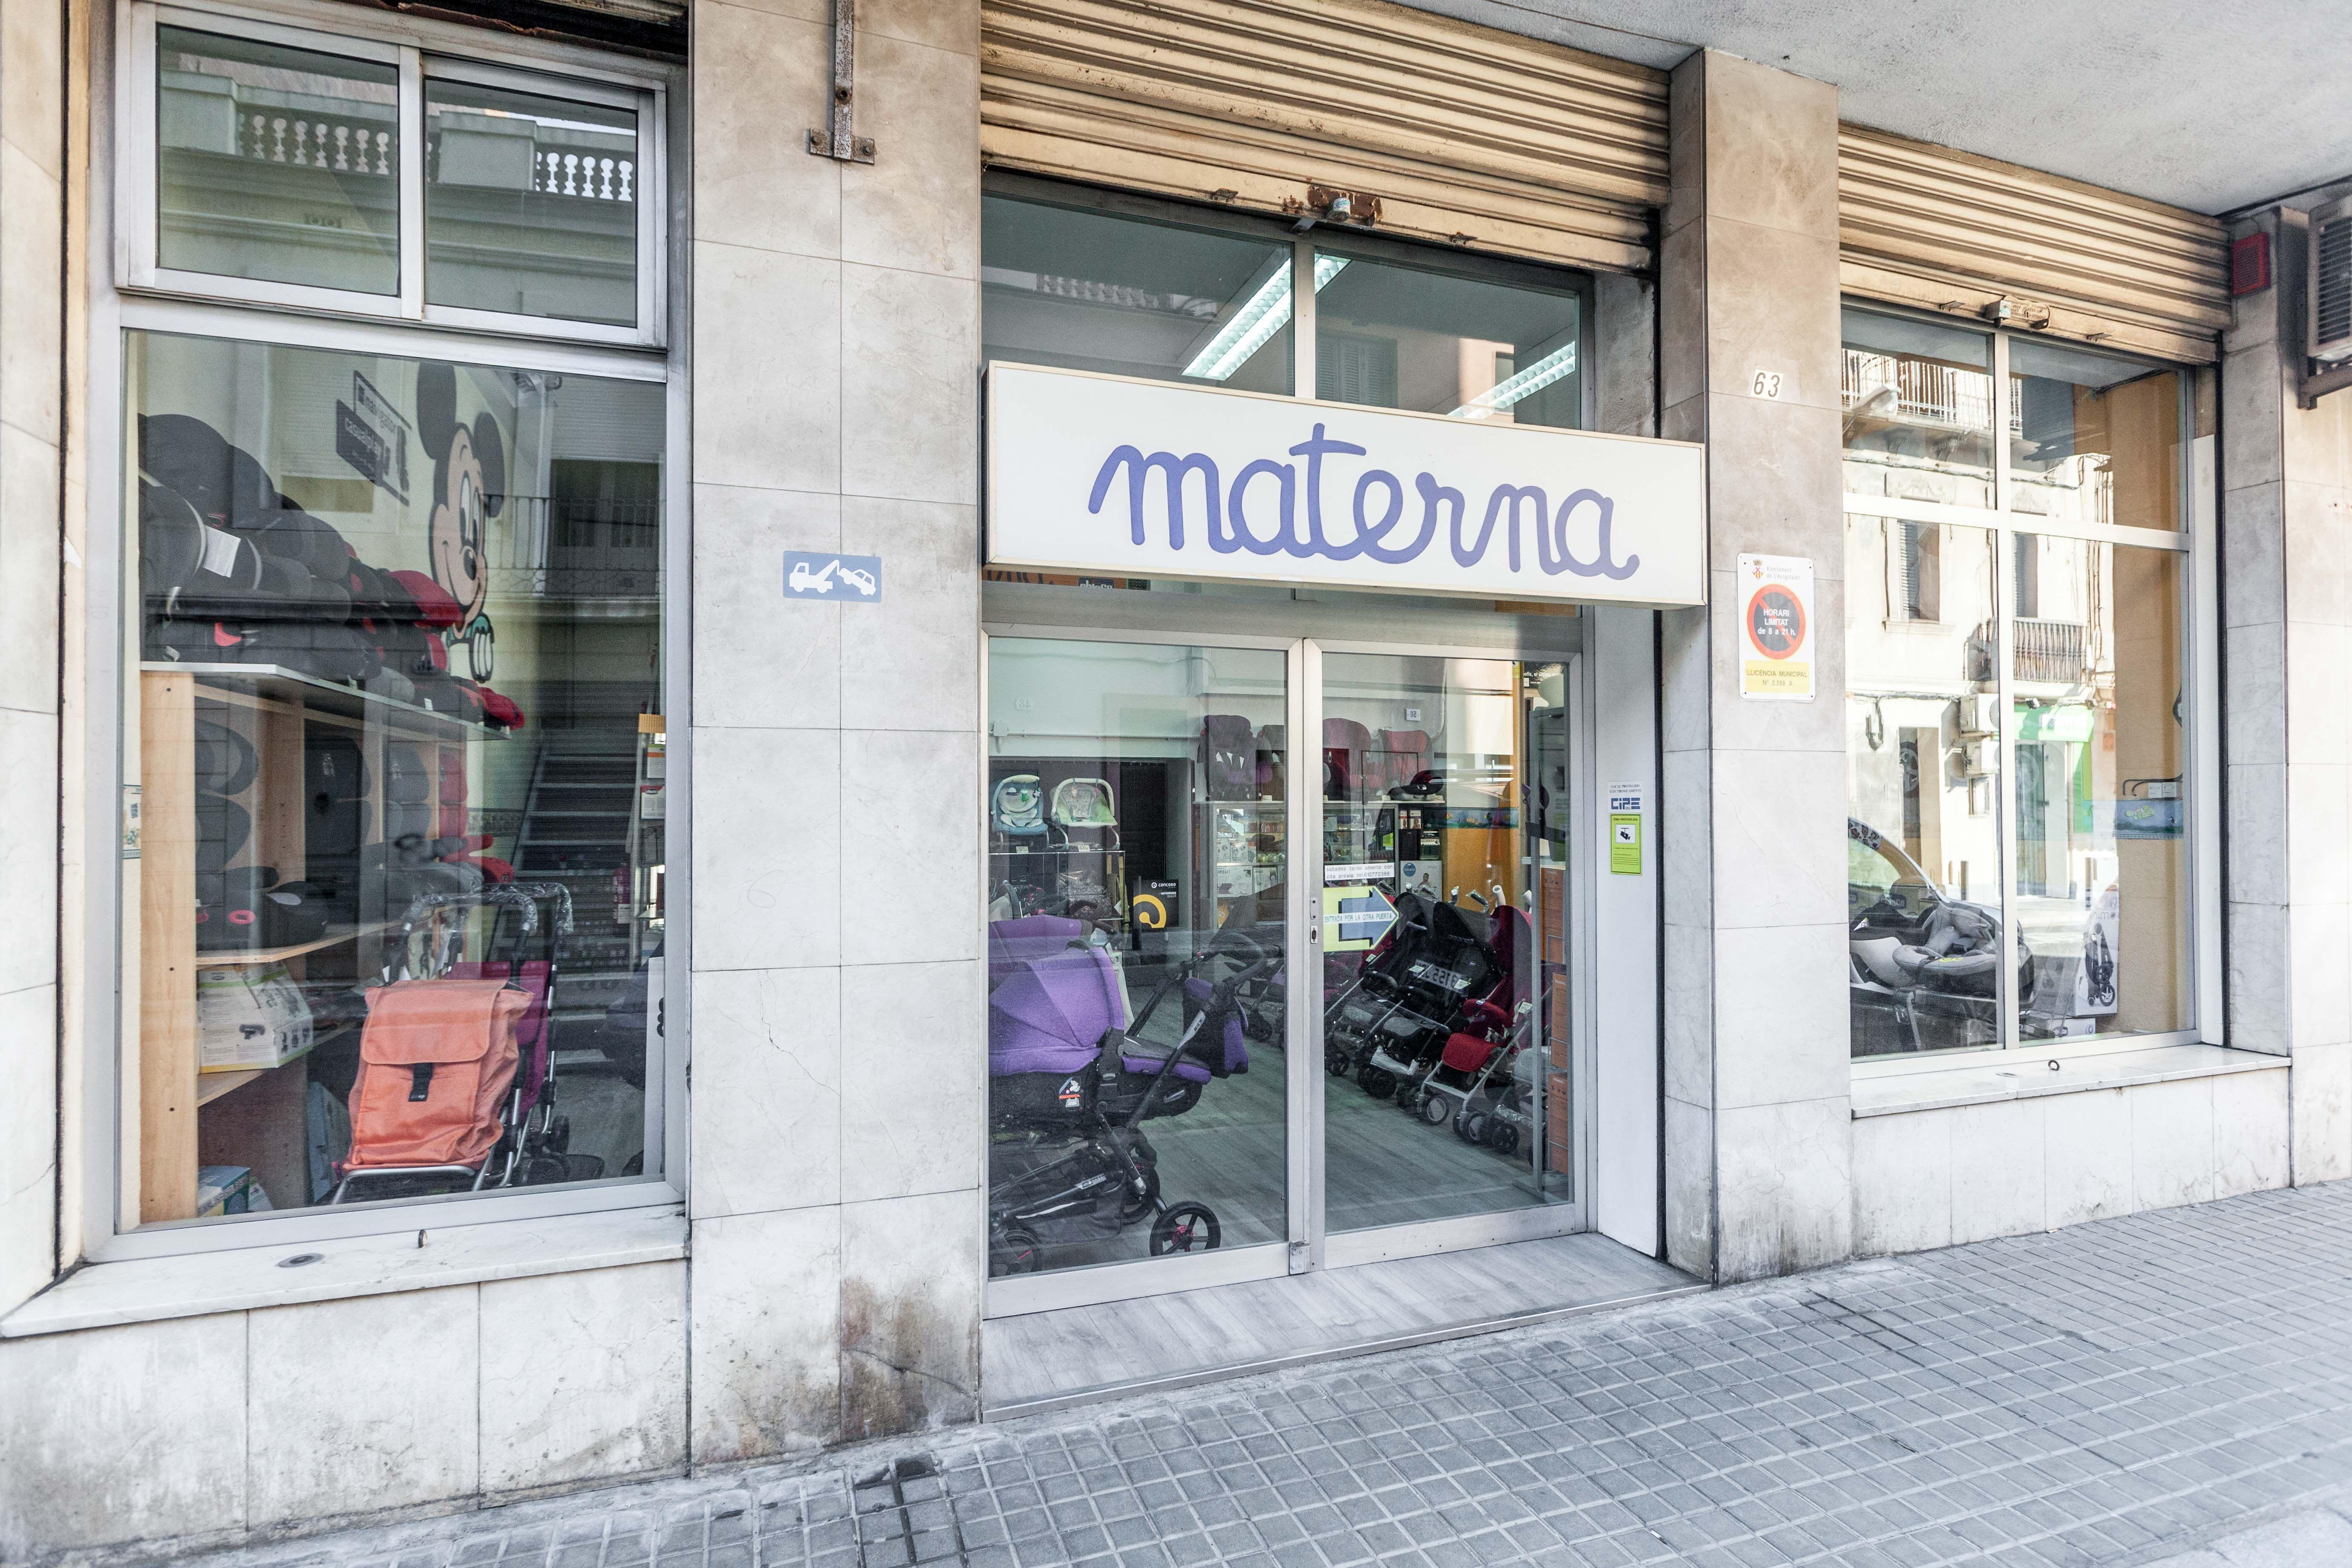 Foto 6 de Mobiliario infantil en L'Hospitalet de Llobregat | Materna|Productos para bebé con los precios más bajos